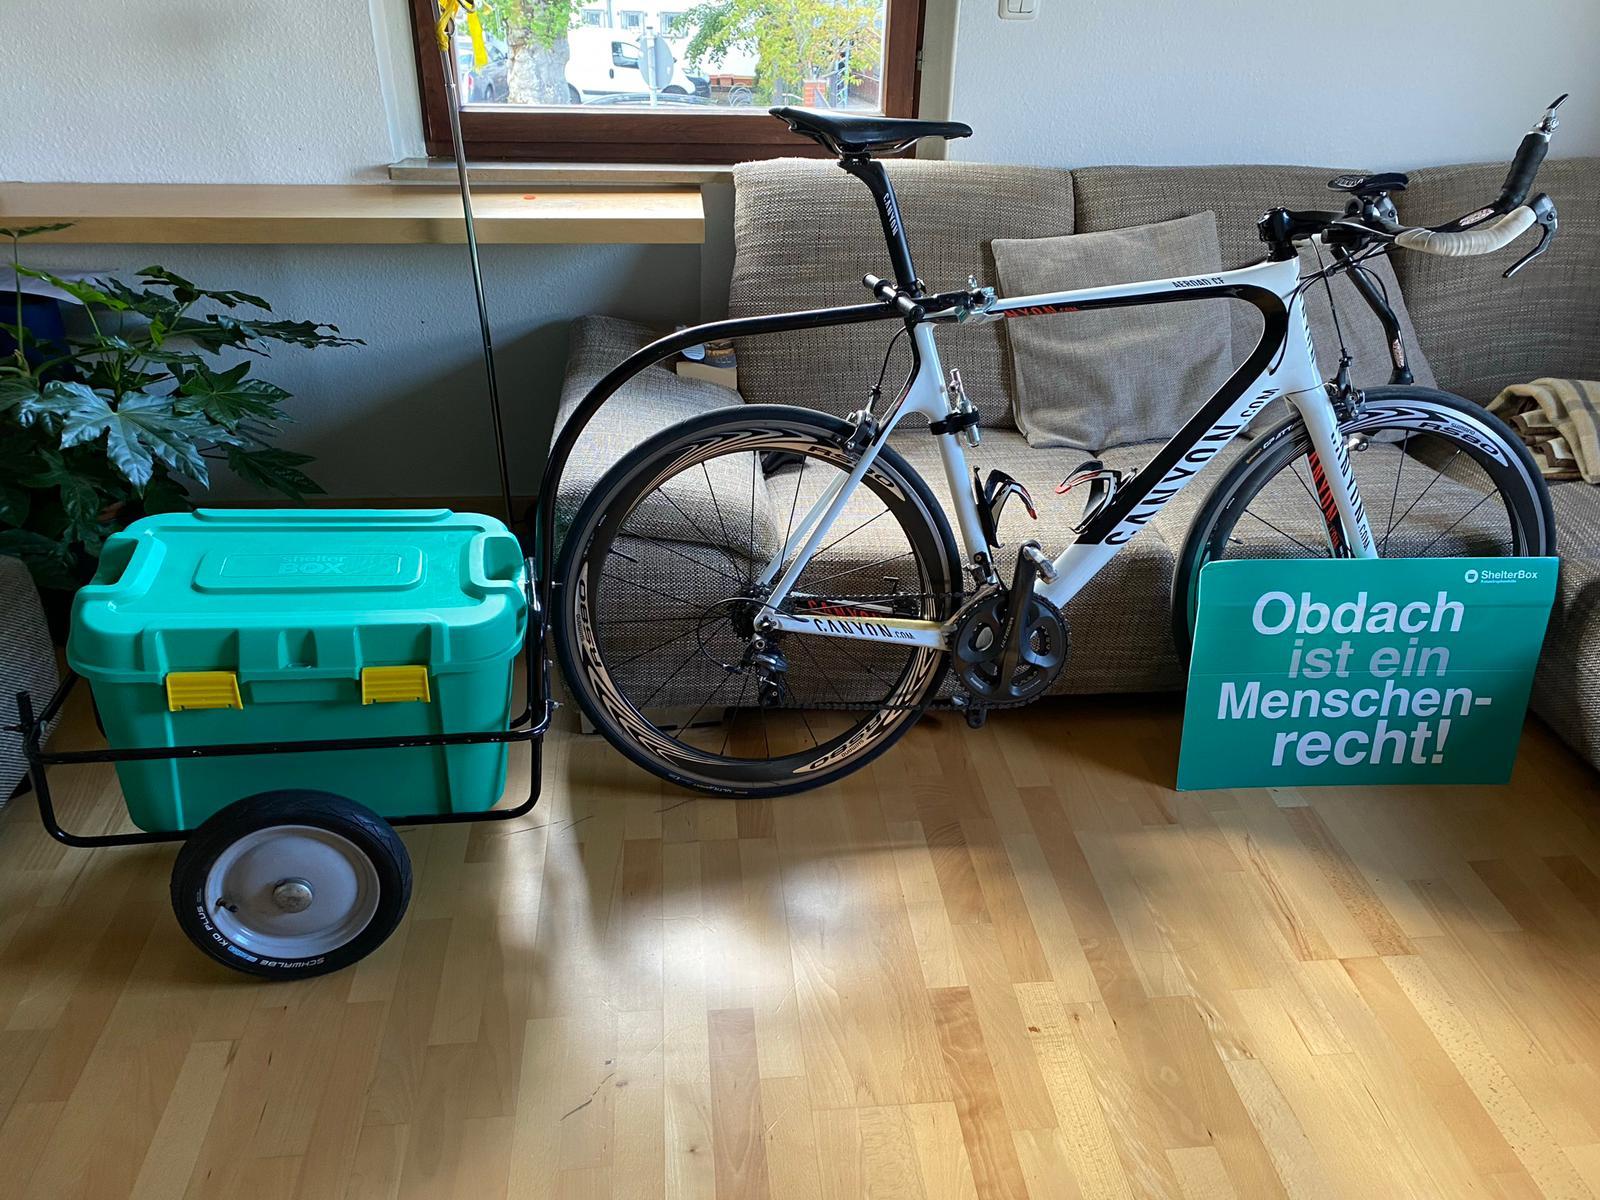 ShelterBox Fahrradtour: Obdach ist ein Menschenrecht